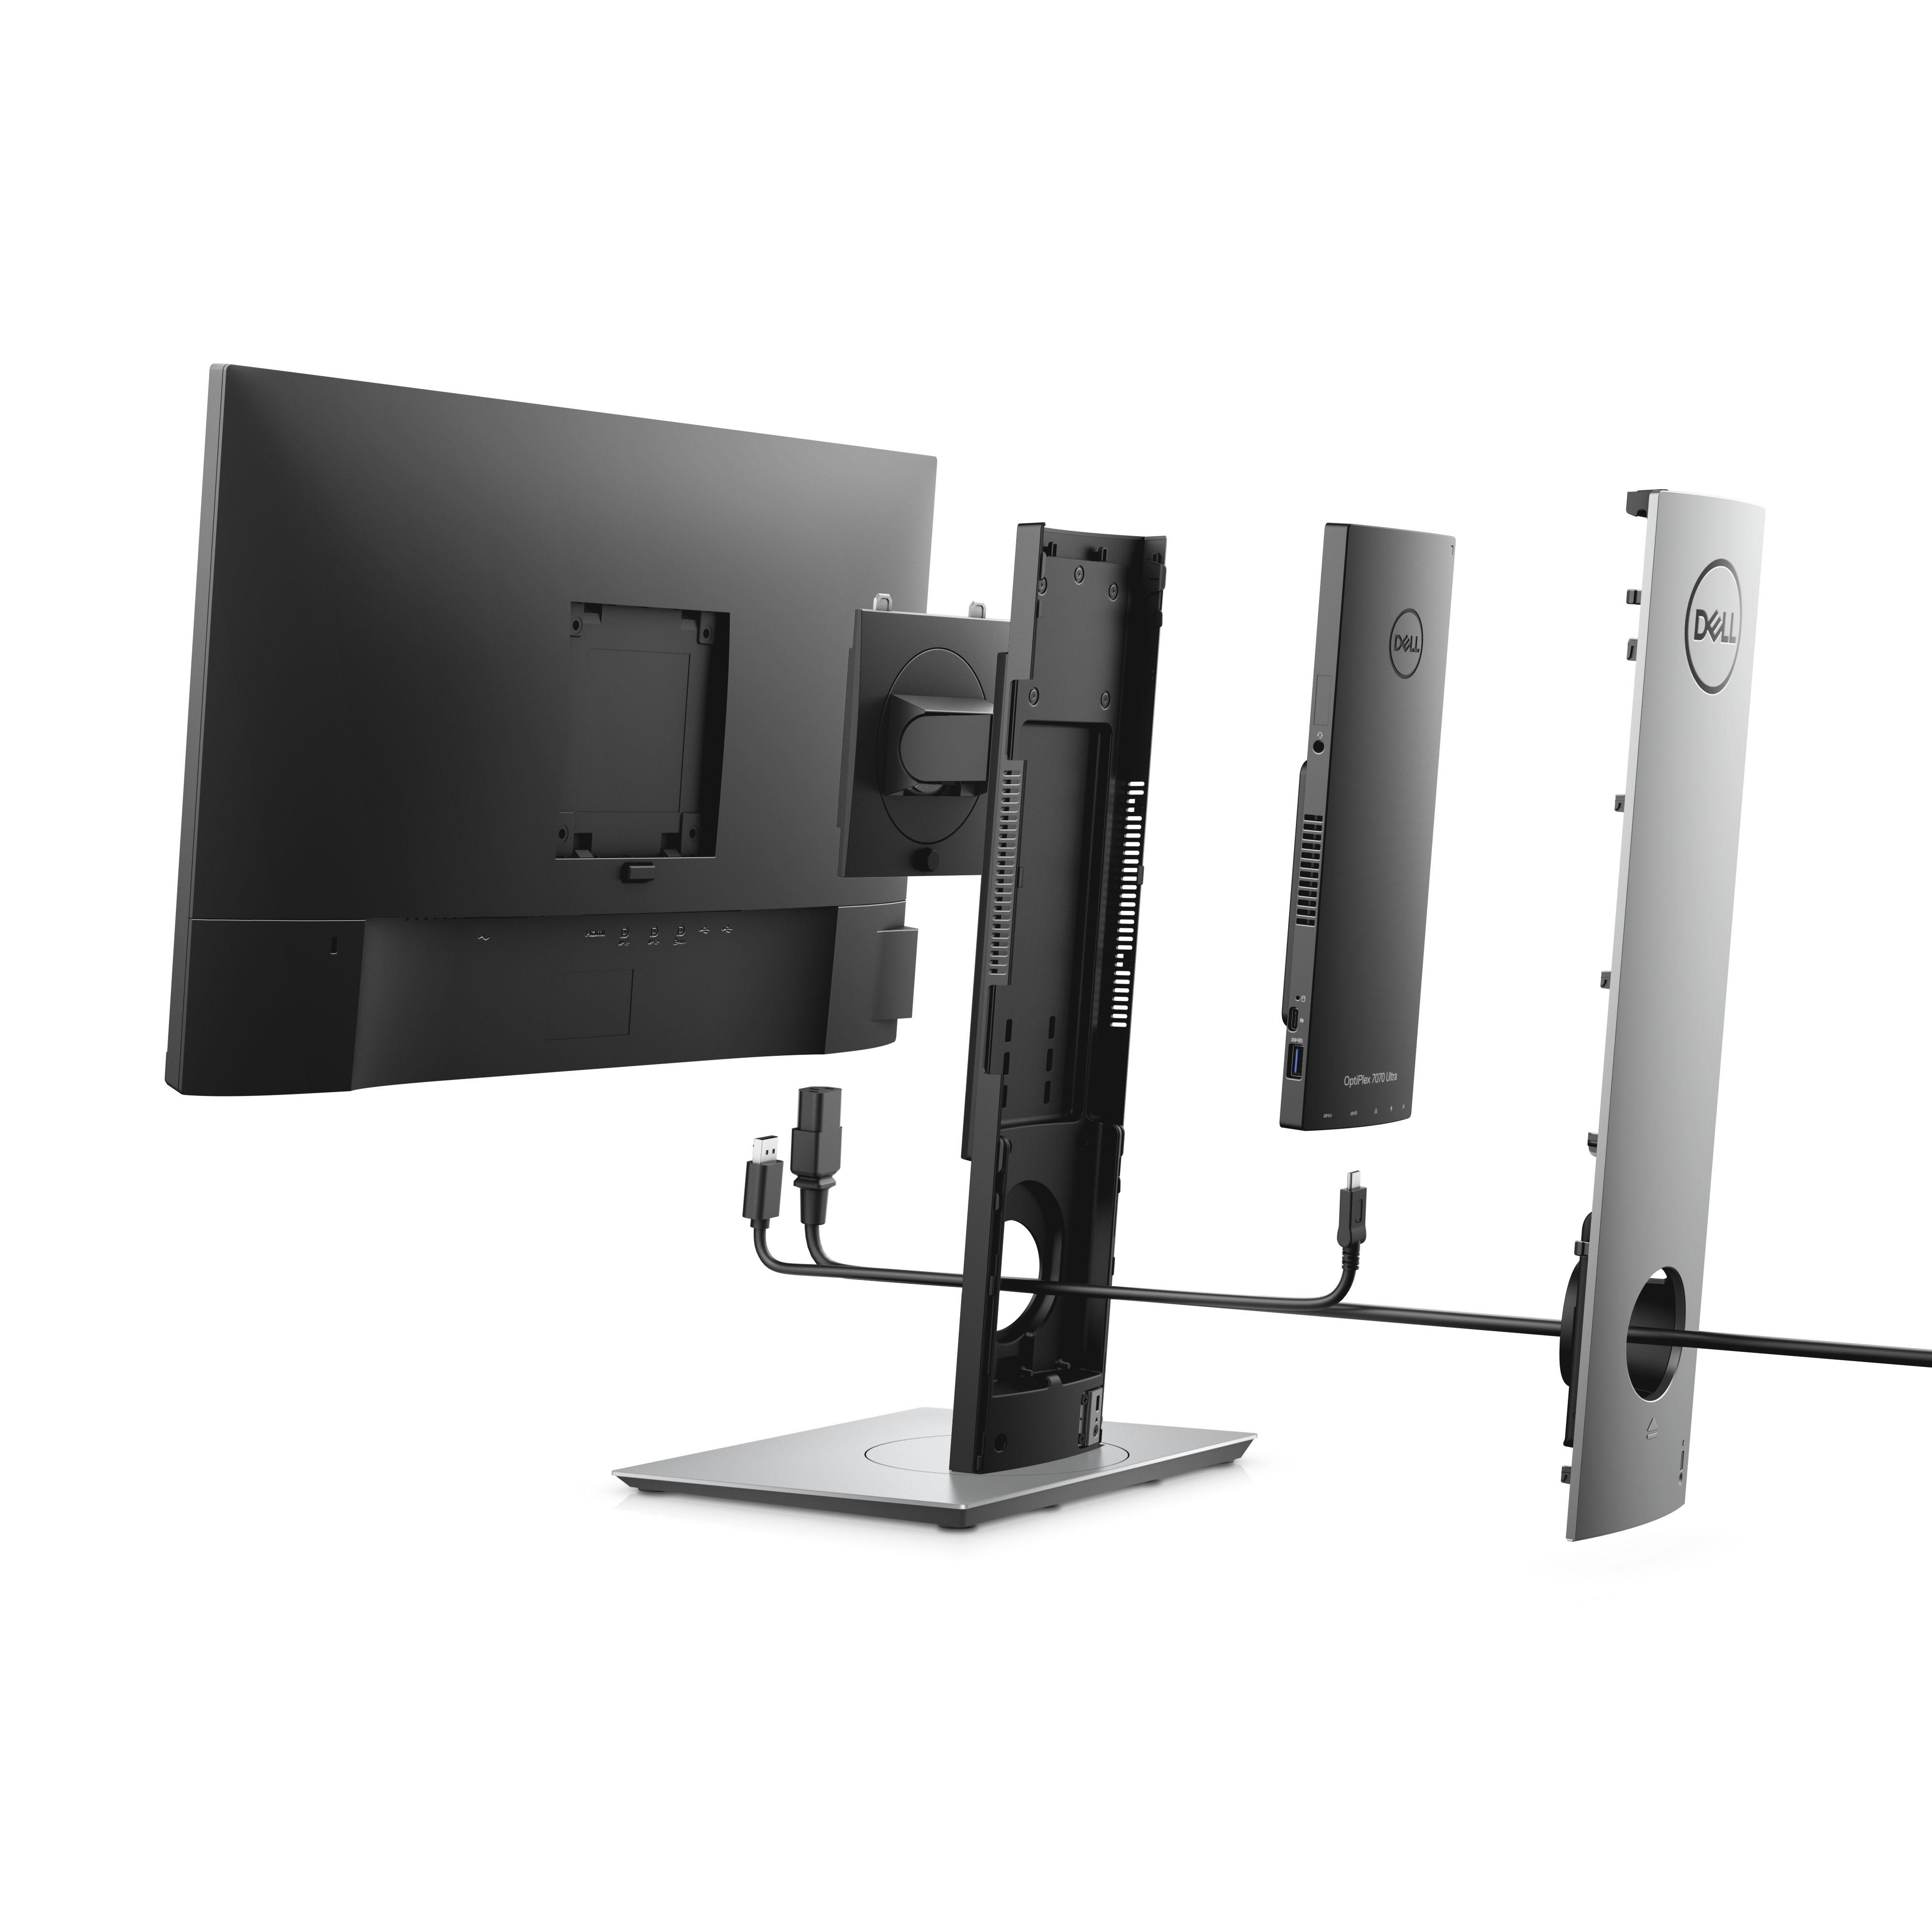 Dell lance une gamme de PC modulaires qui s'intègrent dans le pied d'un écran